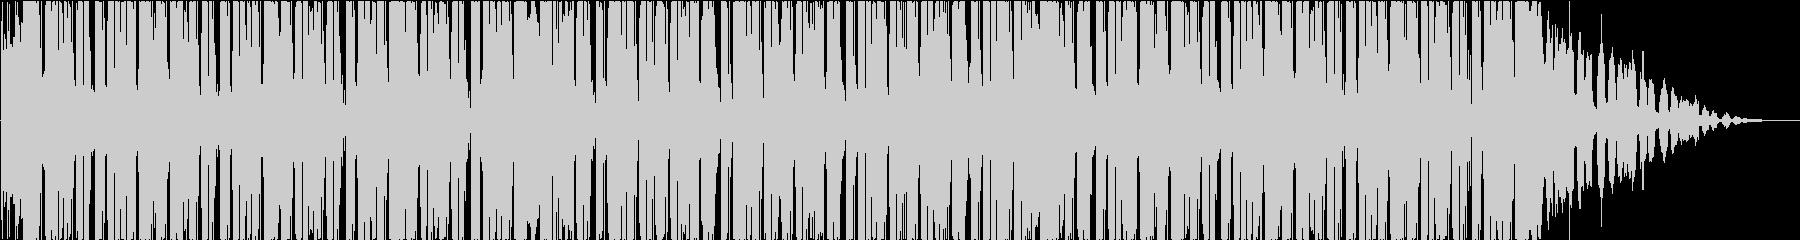 ヒップホップ、スタイリッシュ、モダンの未再生の波形